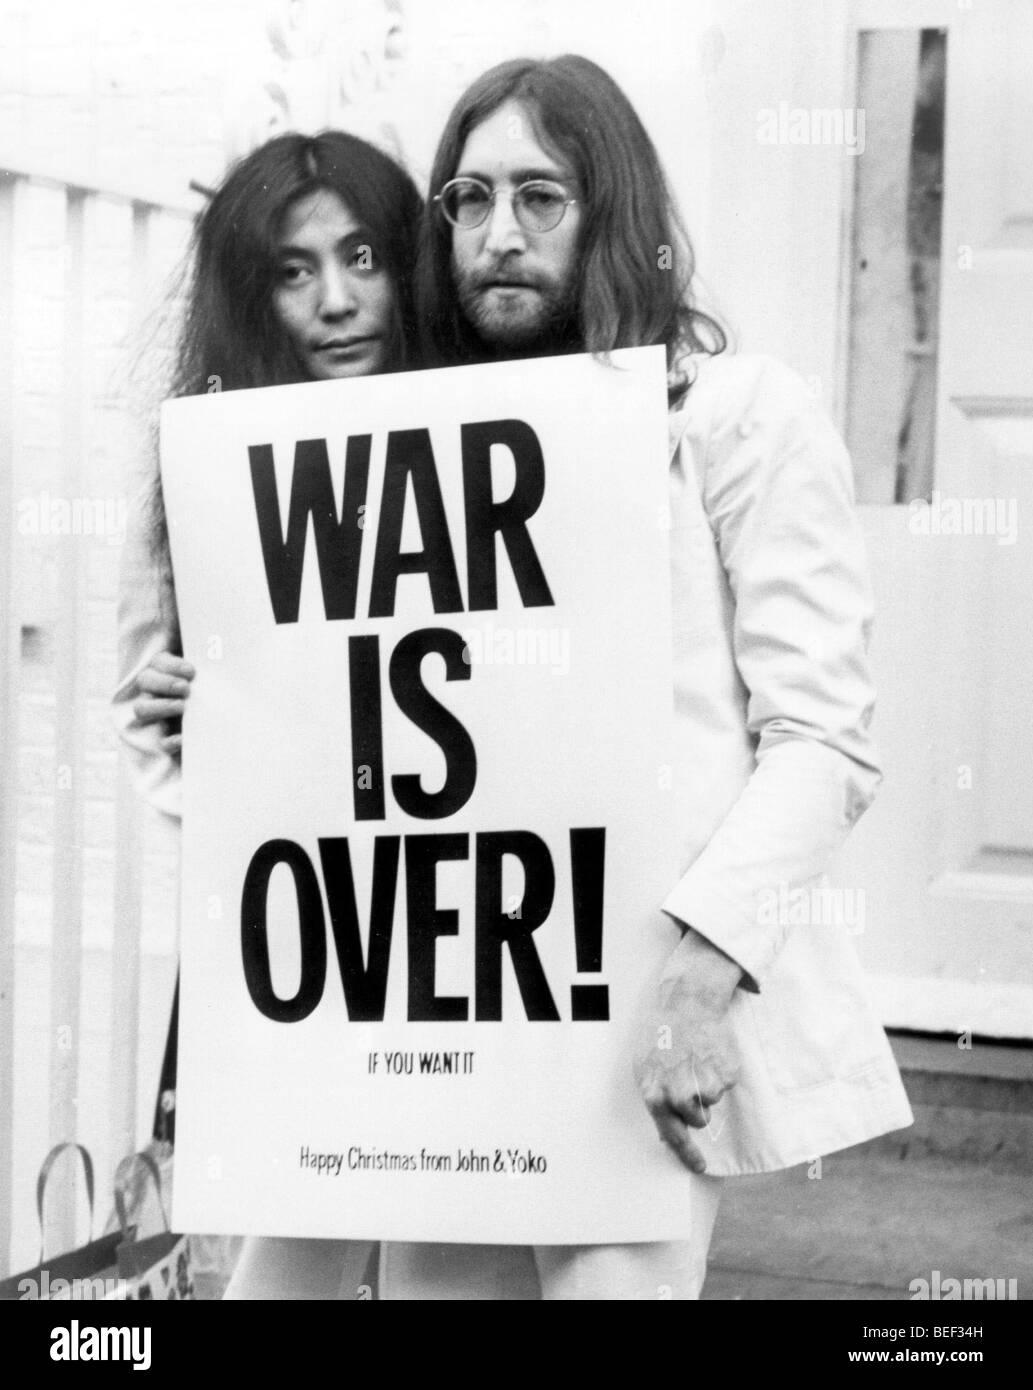 John Lennon Yoko Ono Stock Photos & John Lennon Yoko Ono Stock ...